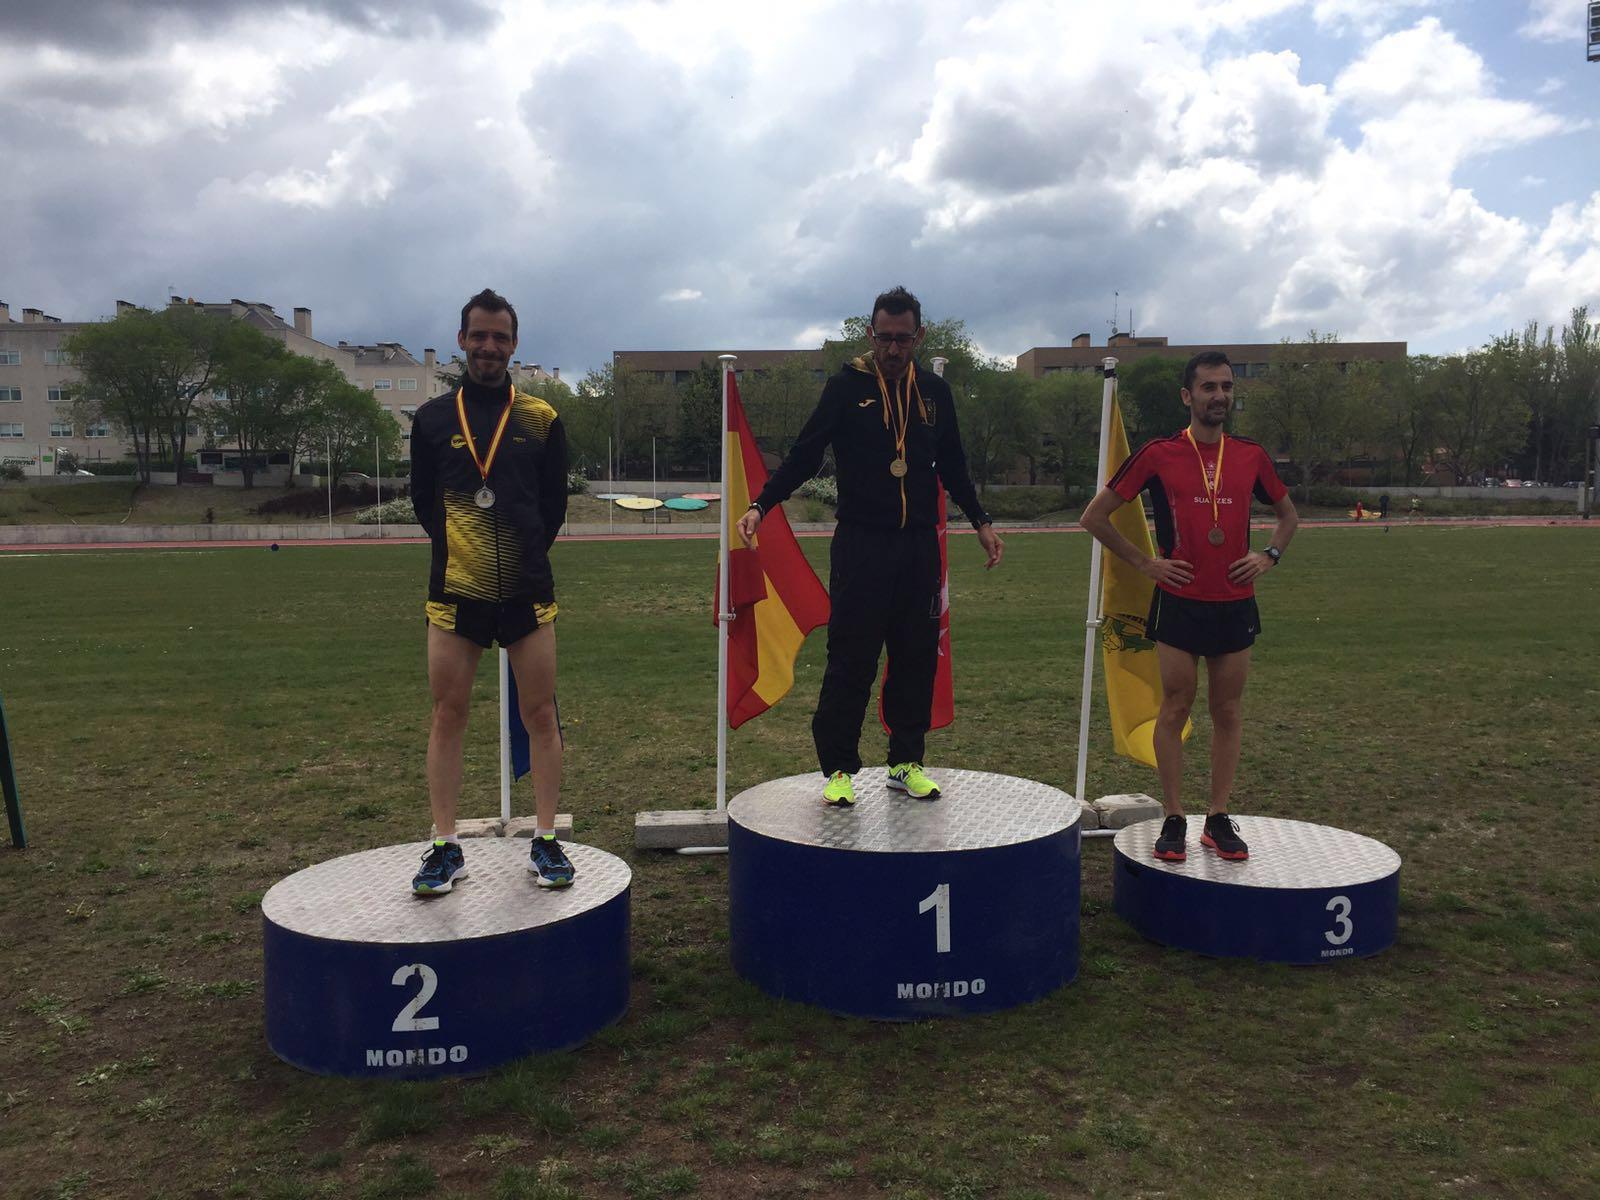 Javier Sánchez Subcampeón de España de 10km en pista M40!!